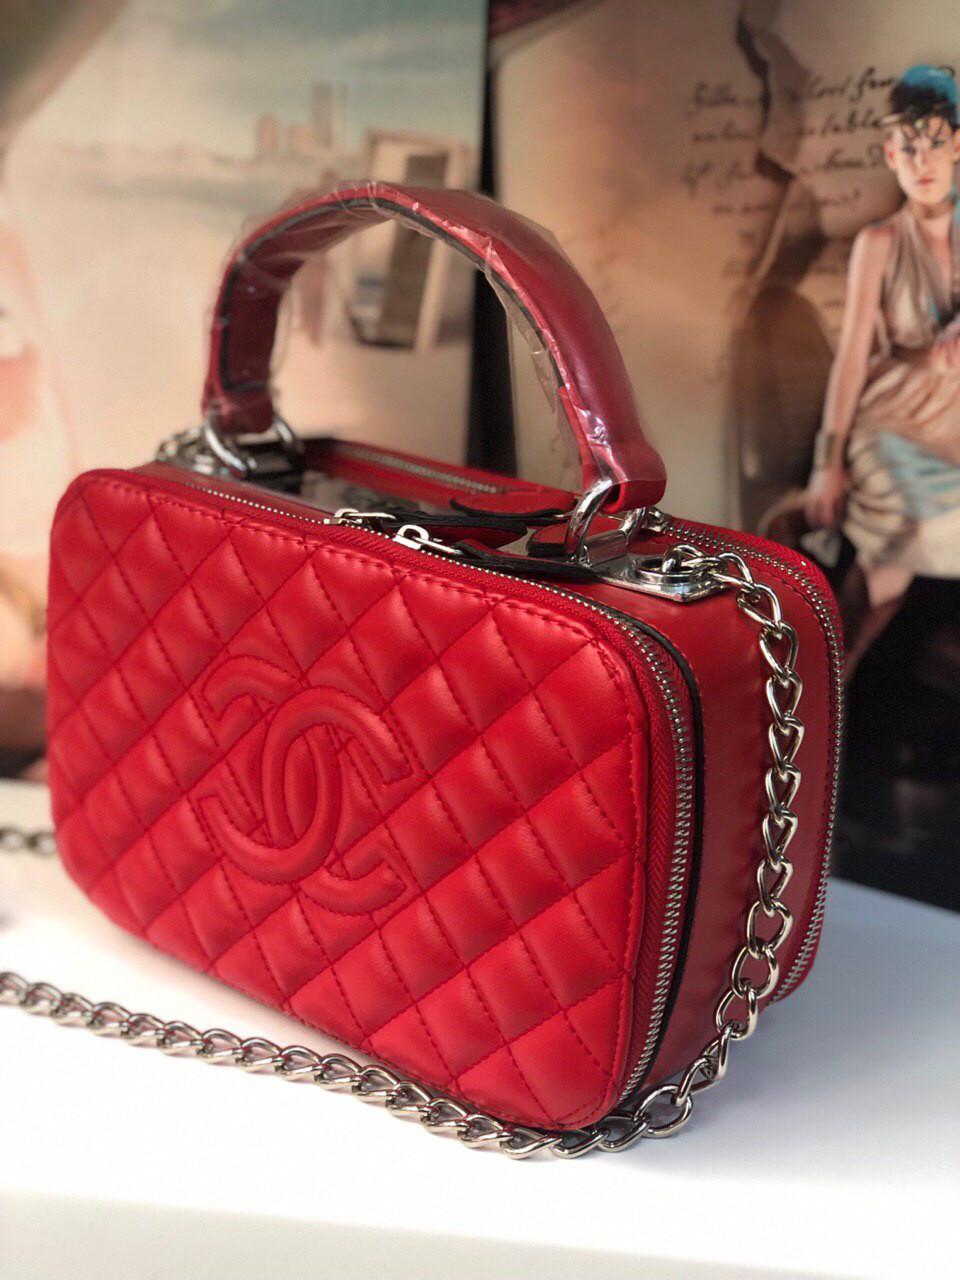 Сумка Клатч Шанель реплика Chanel саквояж red